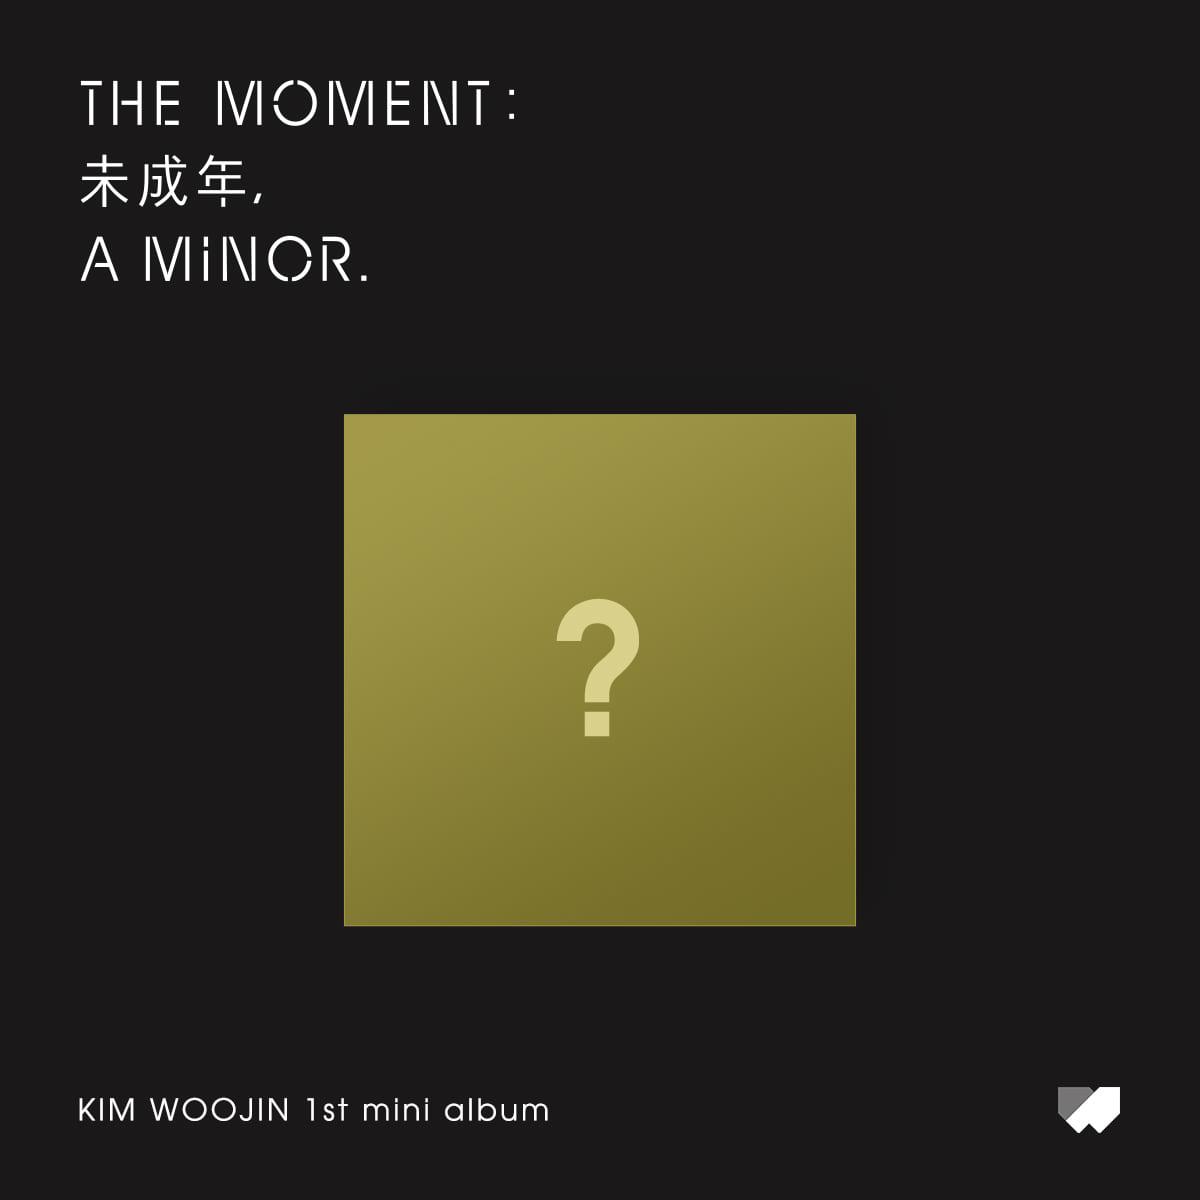 김우진(KIM WOO JIN) - 1st Mini Album [The moment : 未成年, a minor.] (A Ver.)케이팝스토어(kpop store)